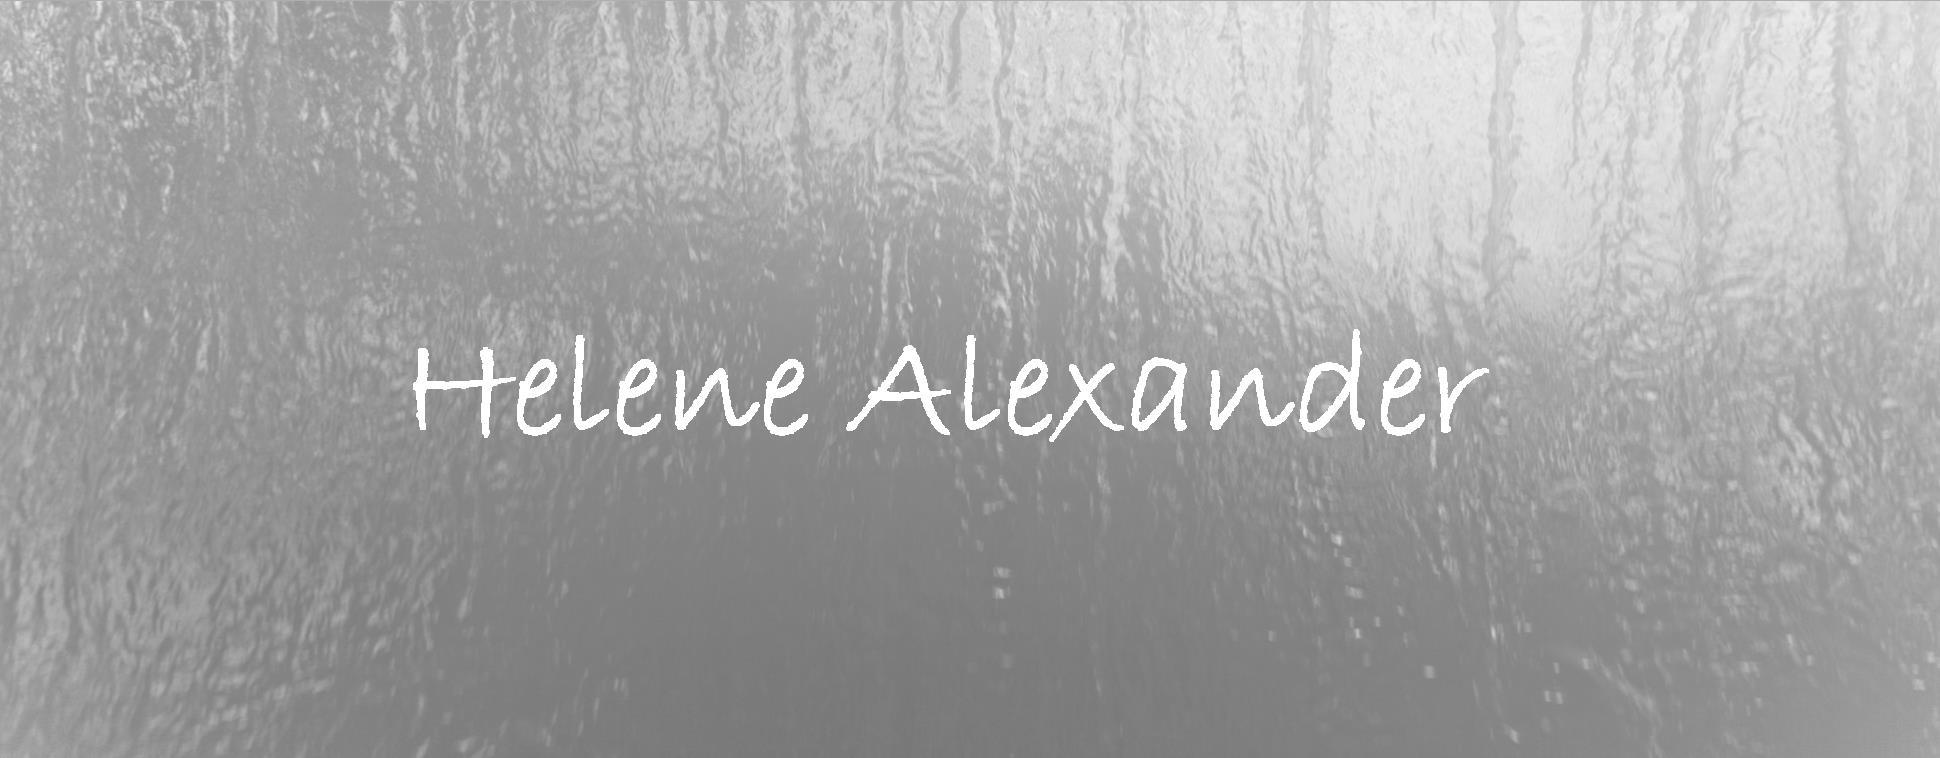 Helene Alexander.jpg